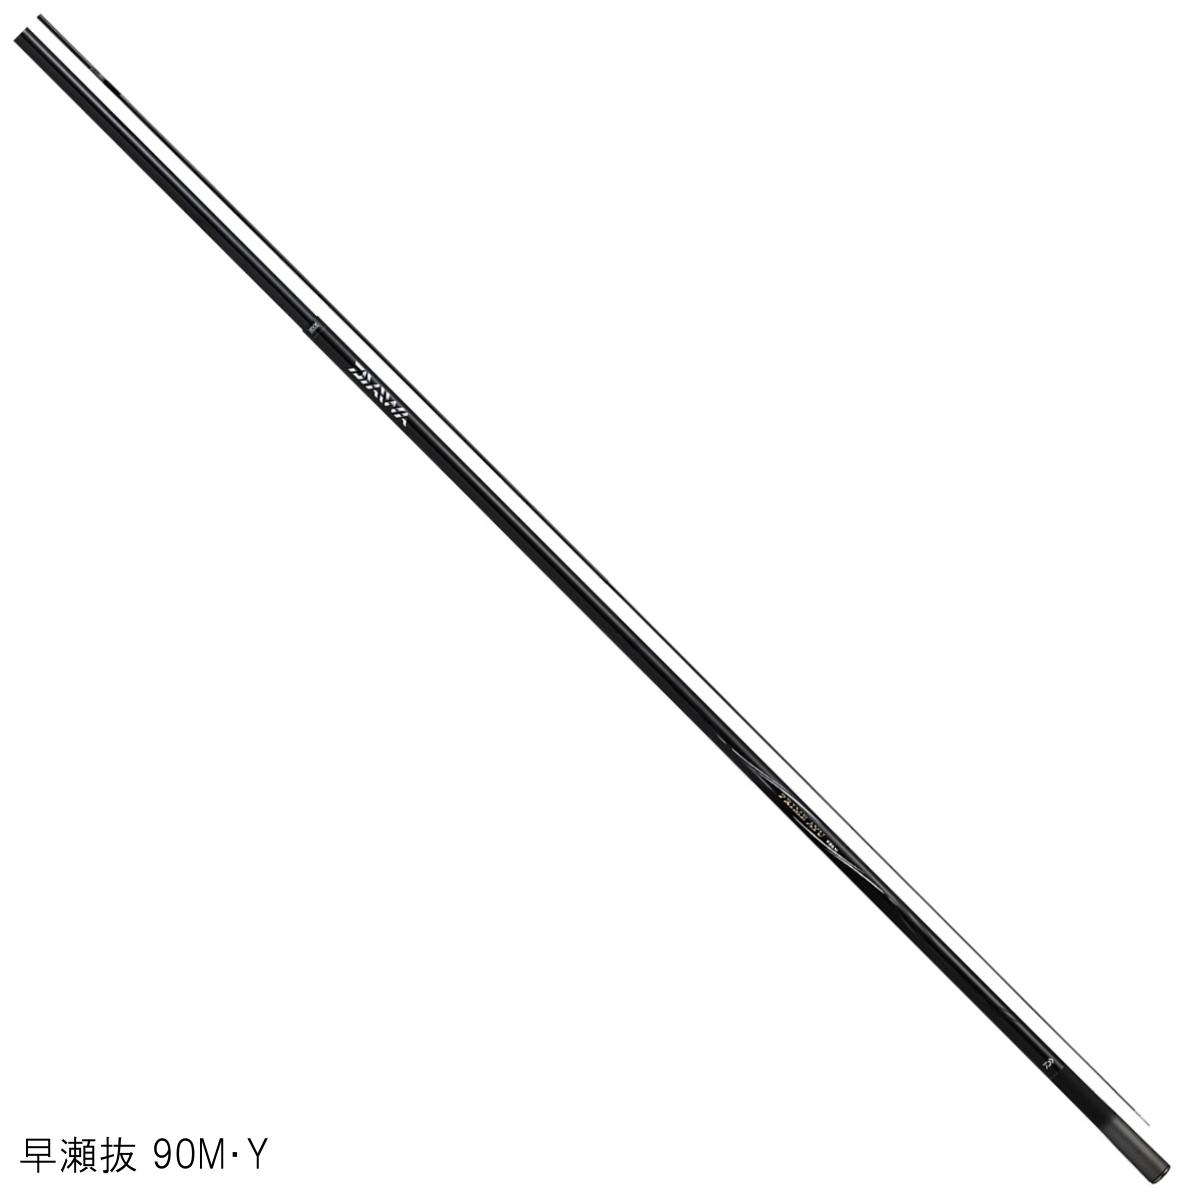 ダイワ プライム アユ 早瀬抜 90M・Y【大型商品】